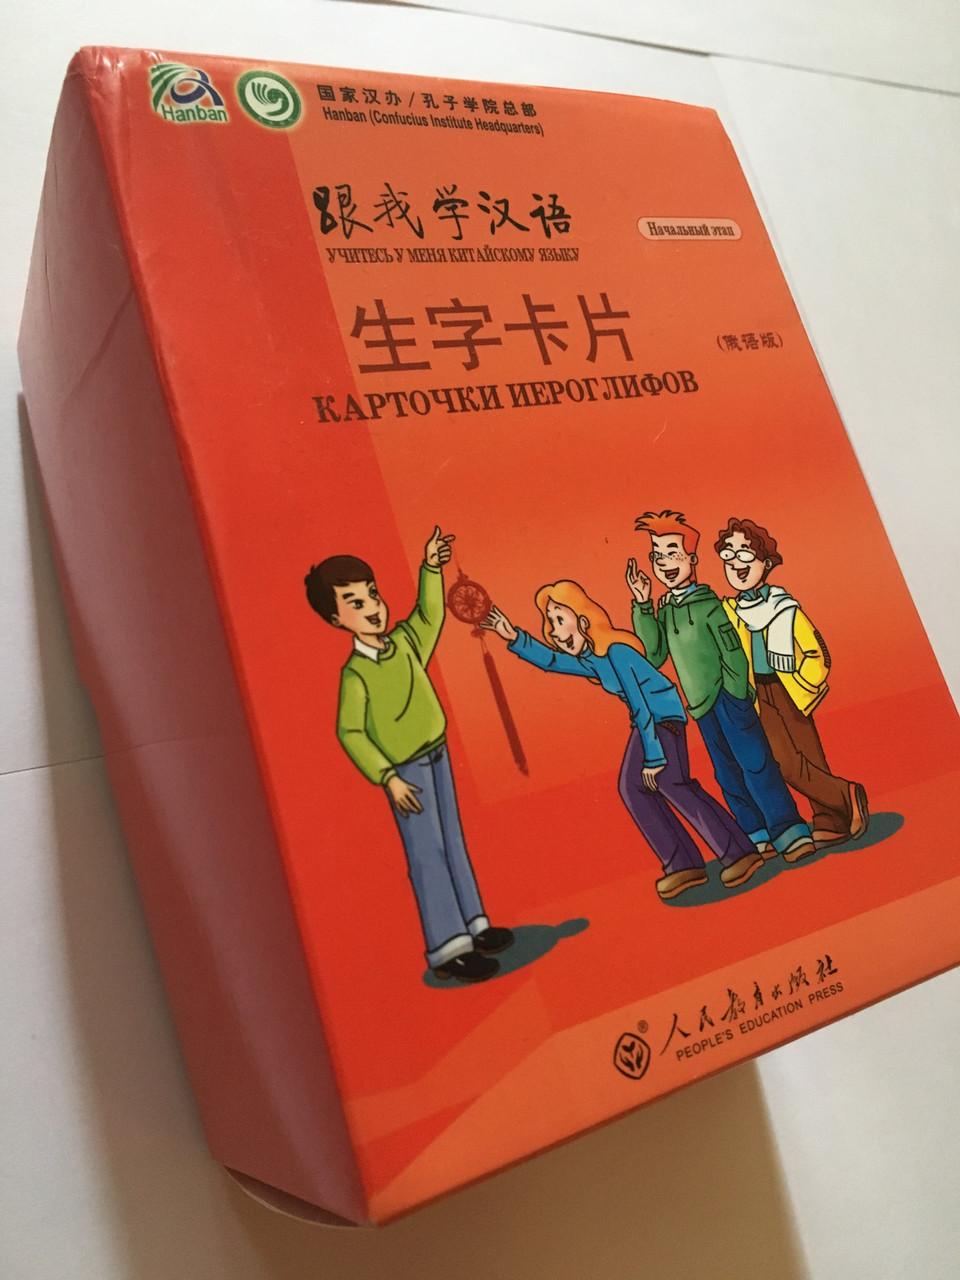 Учитесь у меня китайскому языку. Начальный этап. Карточки иероглифов